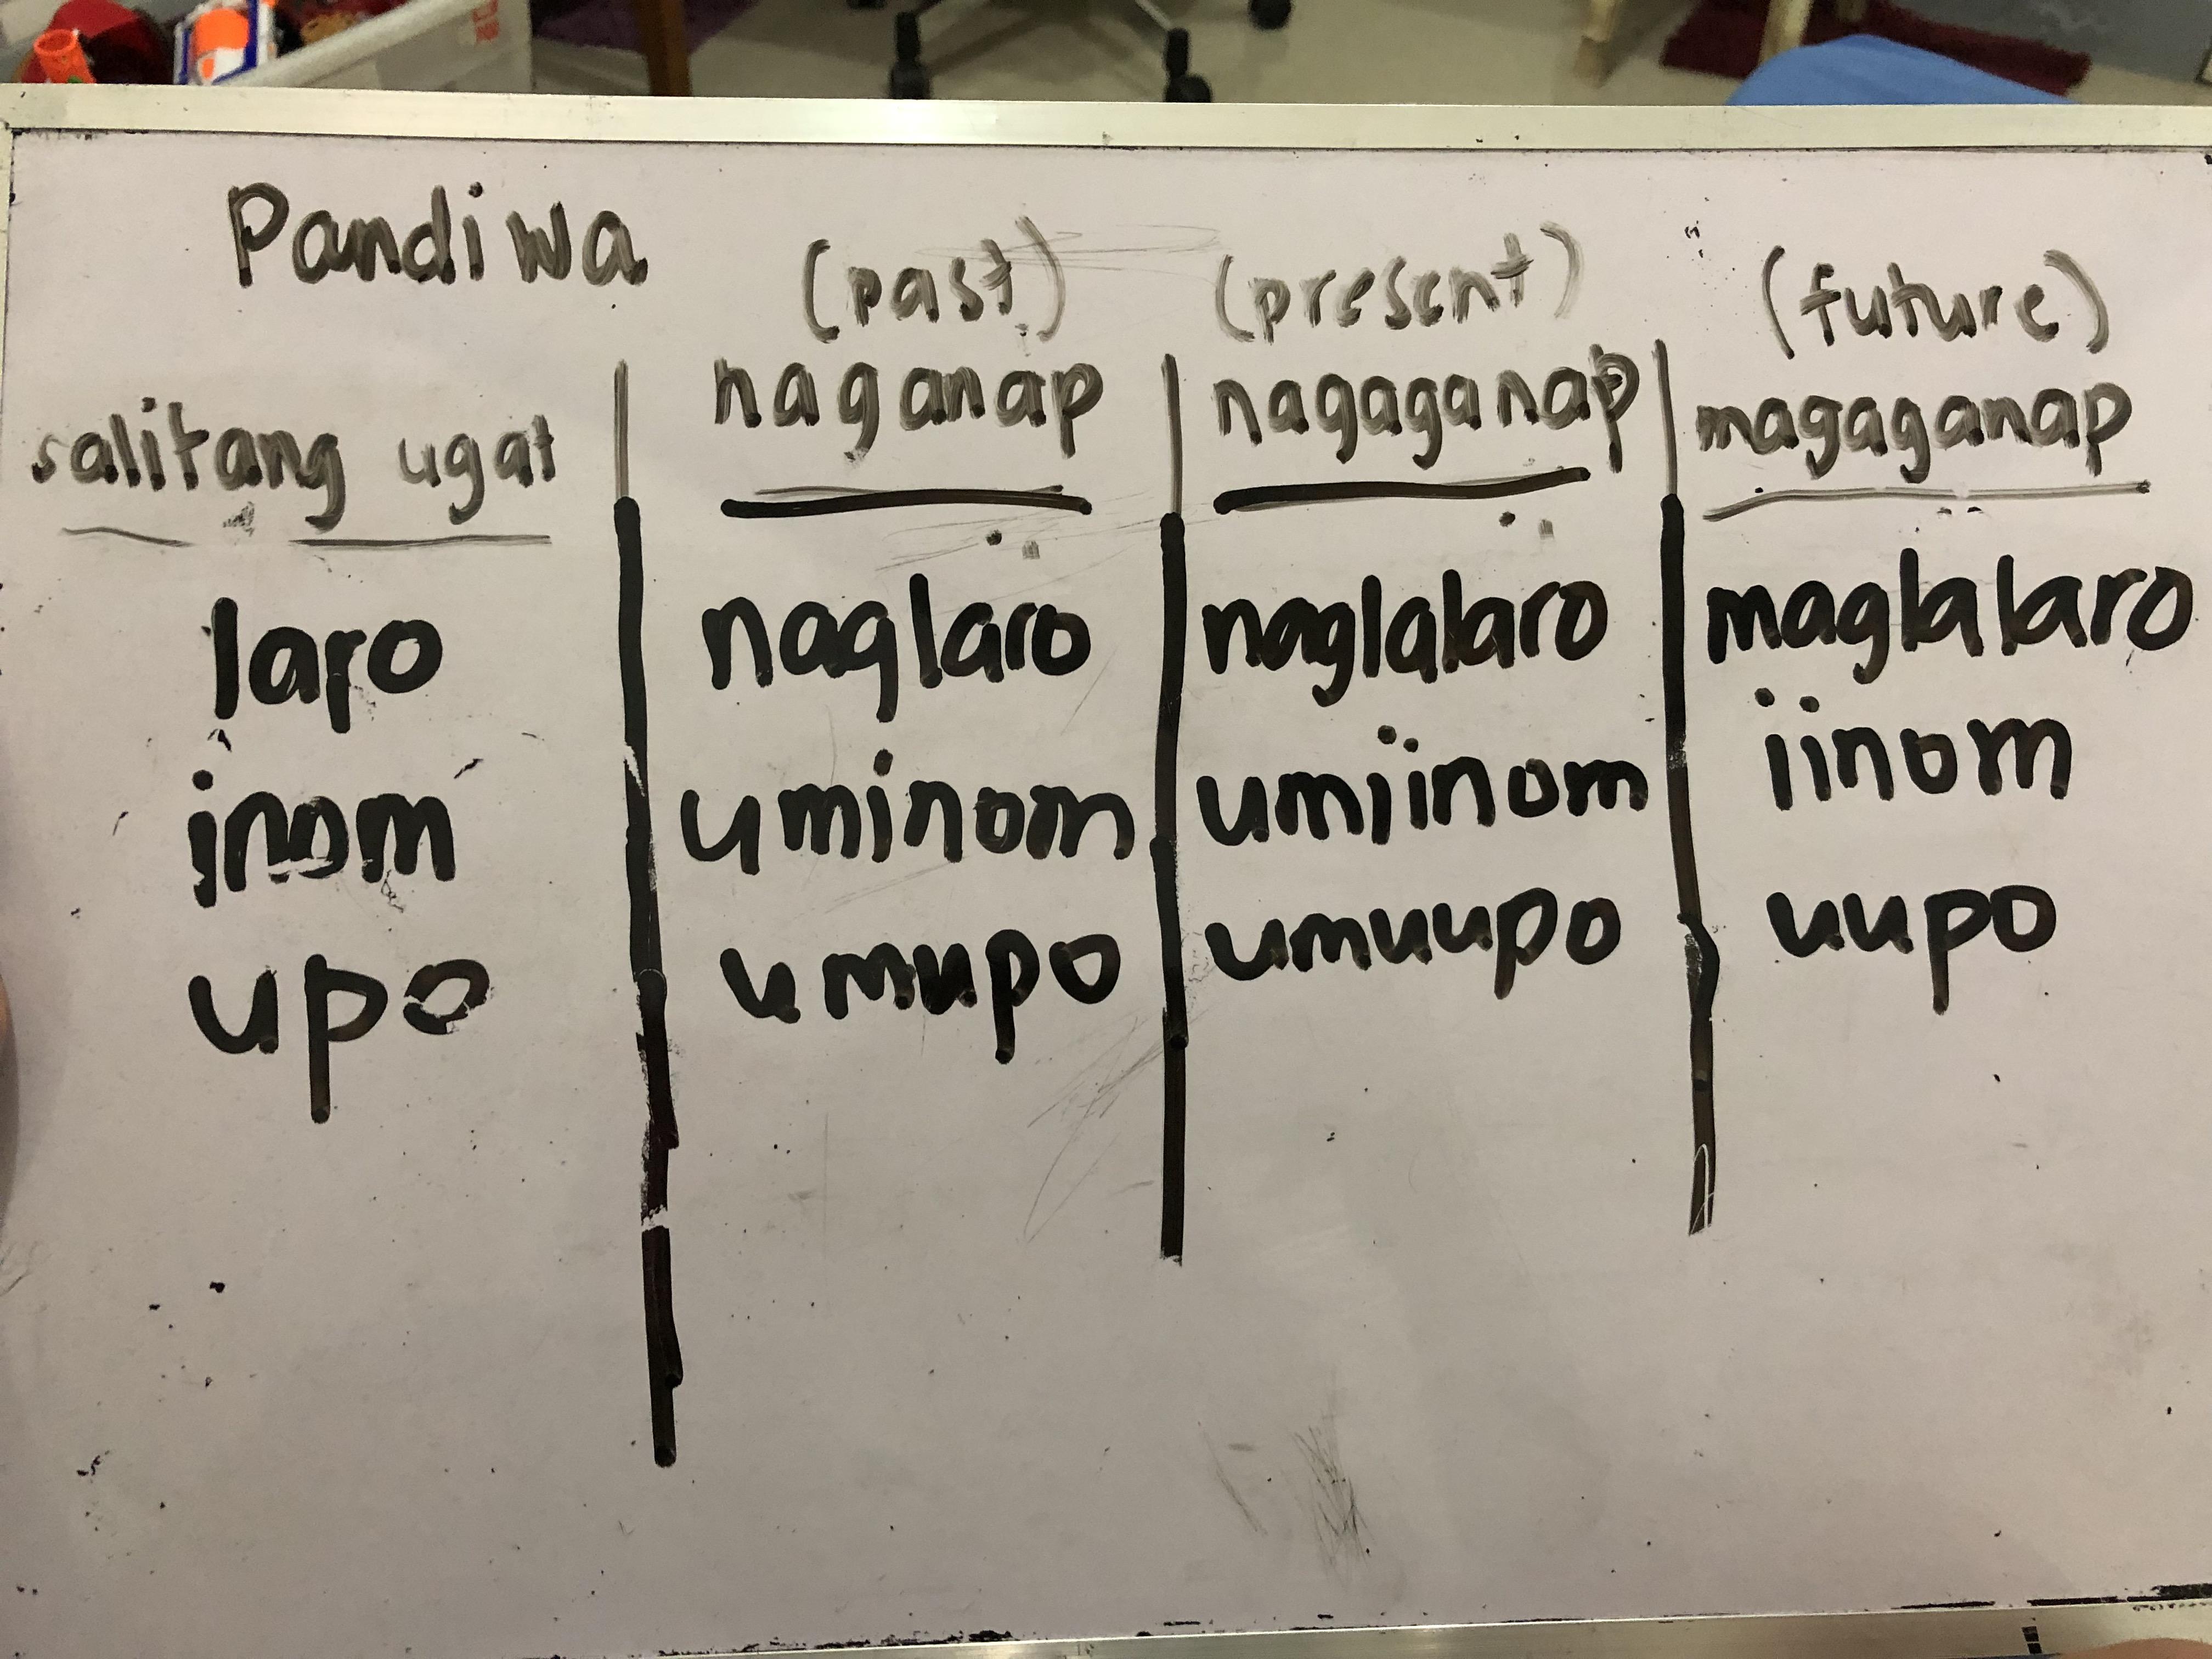 Teaching My 8 Year Old Aspekto Ng Pandiwa Any Filipino